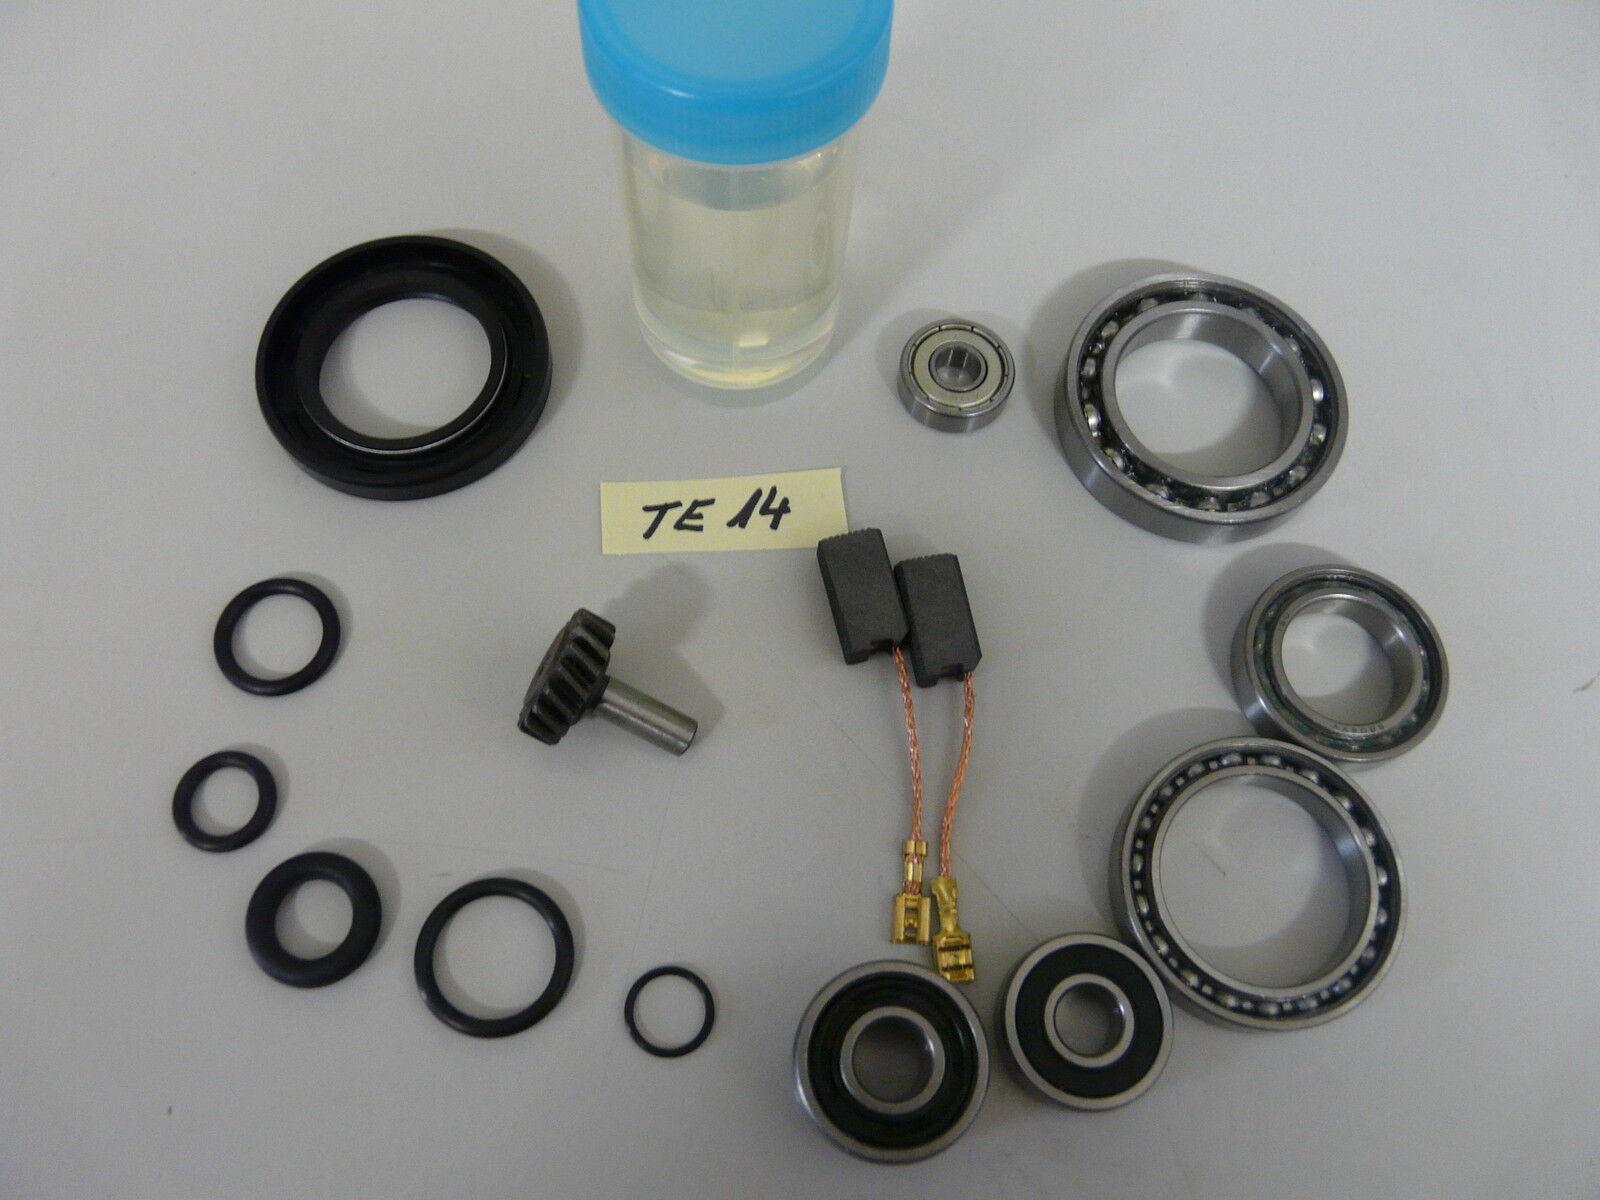 Hilti TE 14, Reparatursatz mit Zahnrad , Verschleissteilesatz, Wartungset